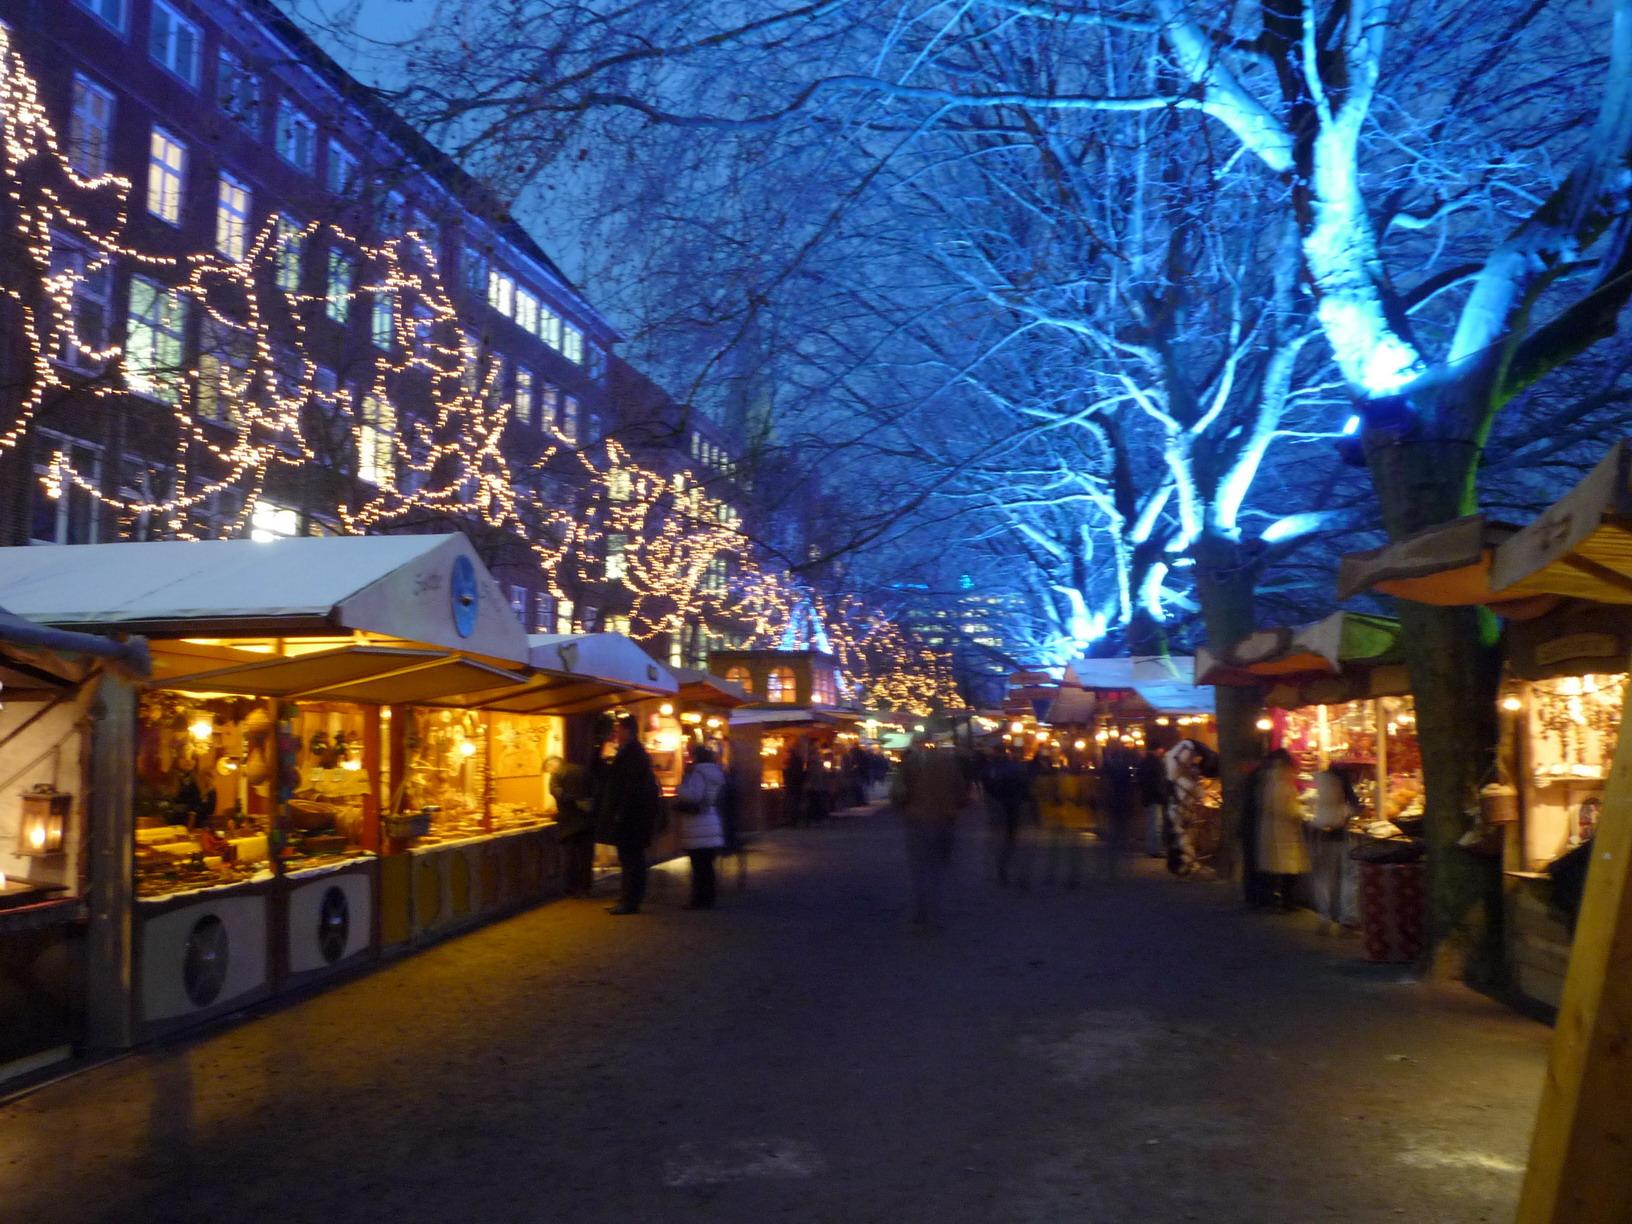 Weihnachtsmarkt H.File Bremen Weihnachtsmarkt 610 H Jpg Wikimedia Commons